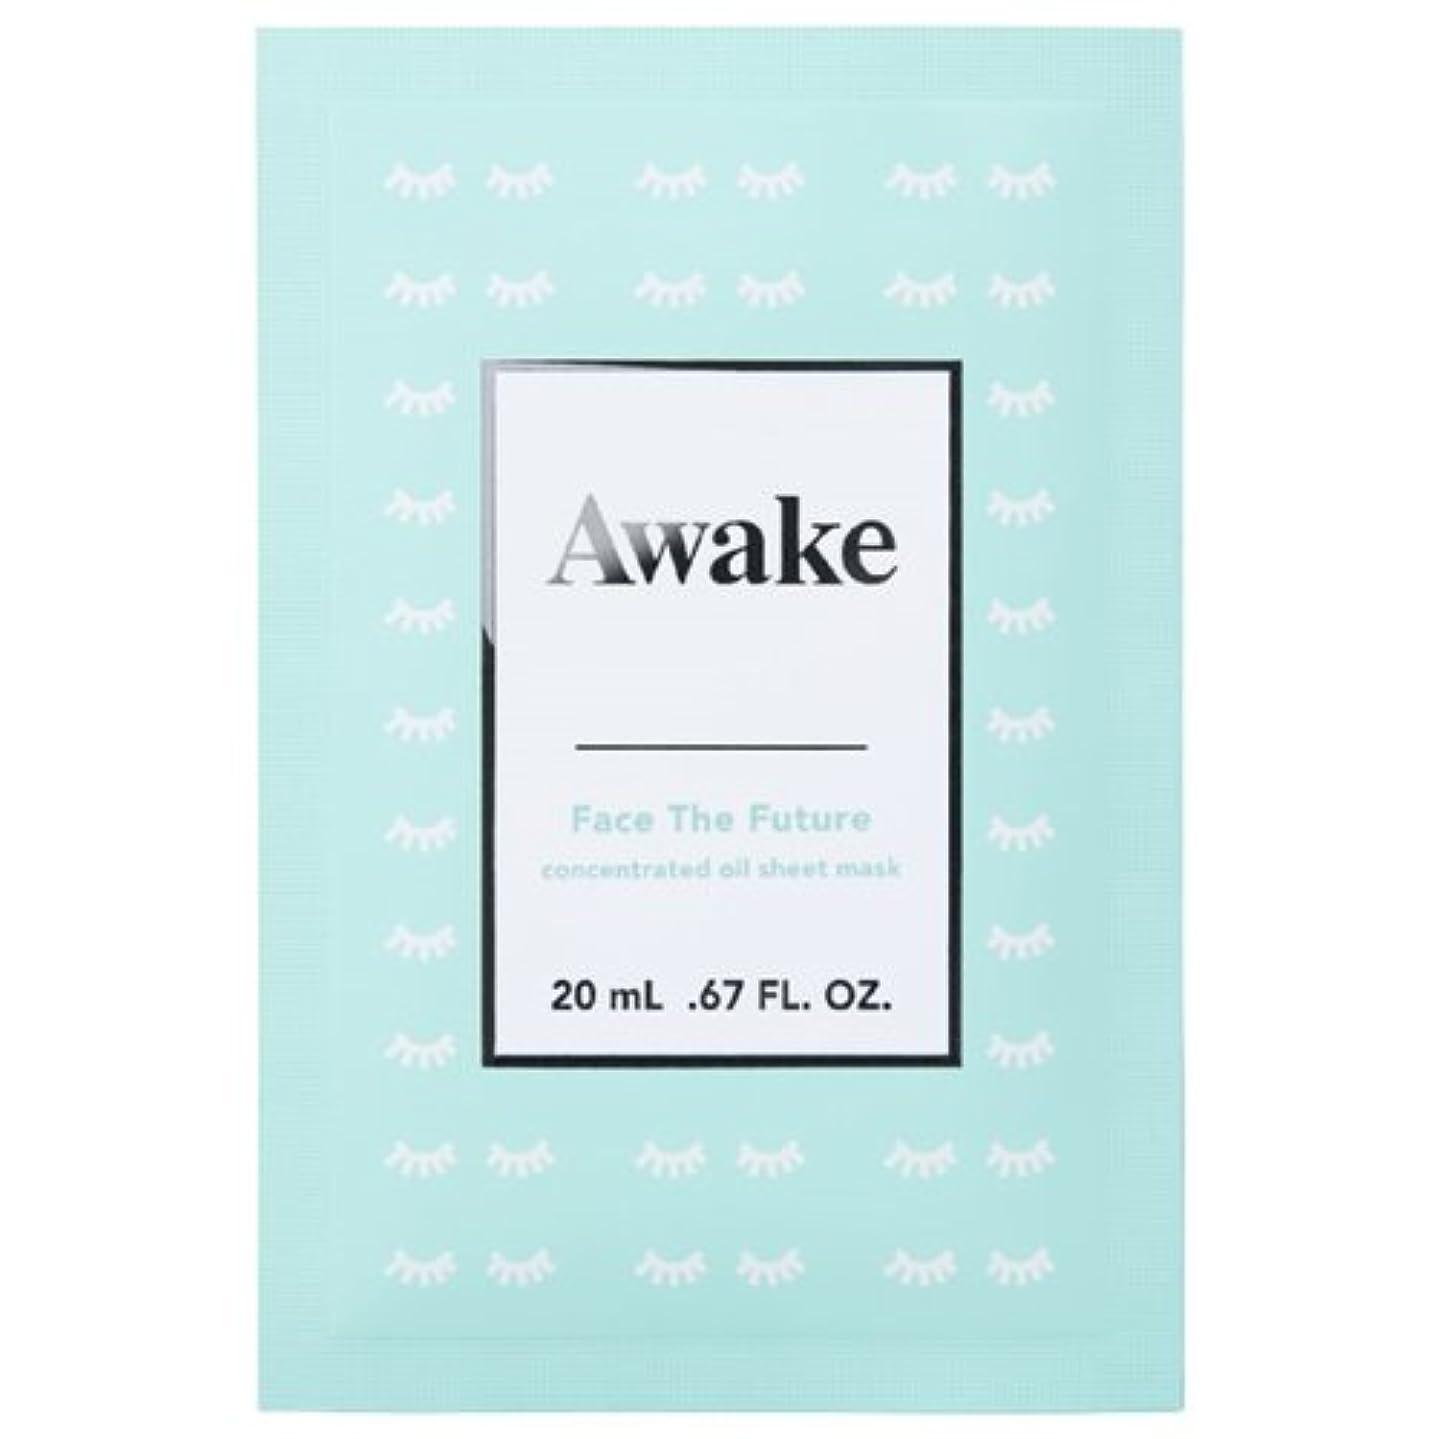 バリー普通の寮アウェイク(AWAKE) Awake(アウェイク) フェイスザフューチャー コンセントレイティッド オイルシートマスク (20mL × 6枚入)